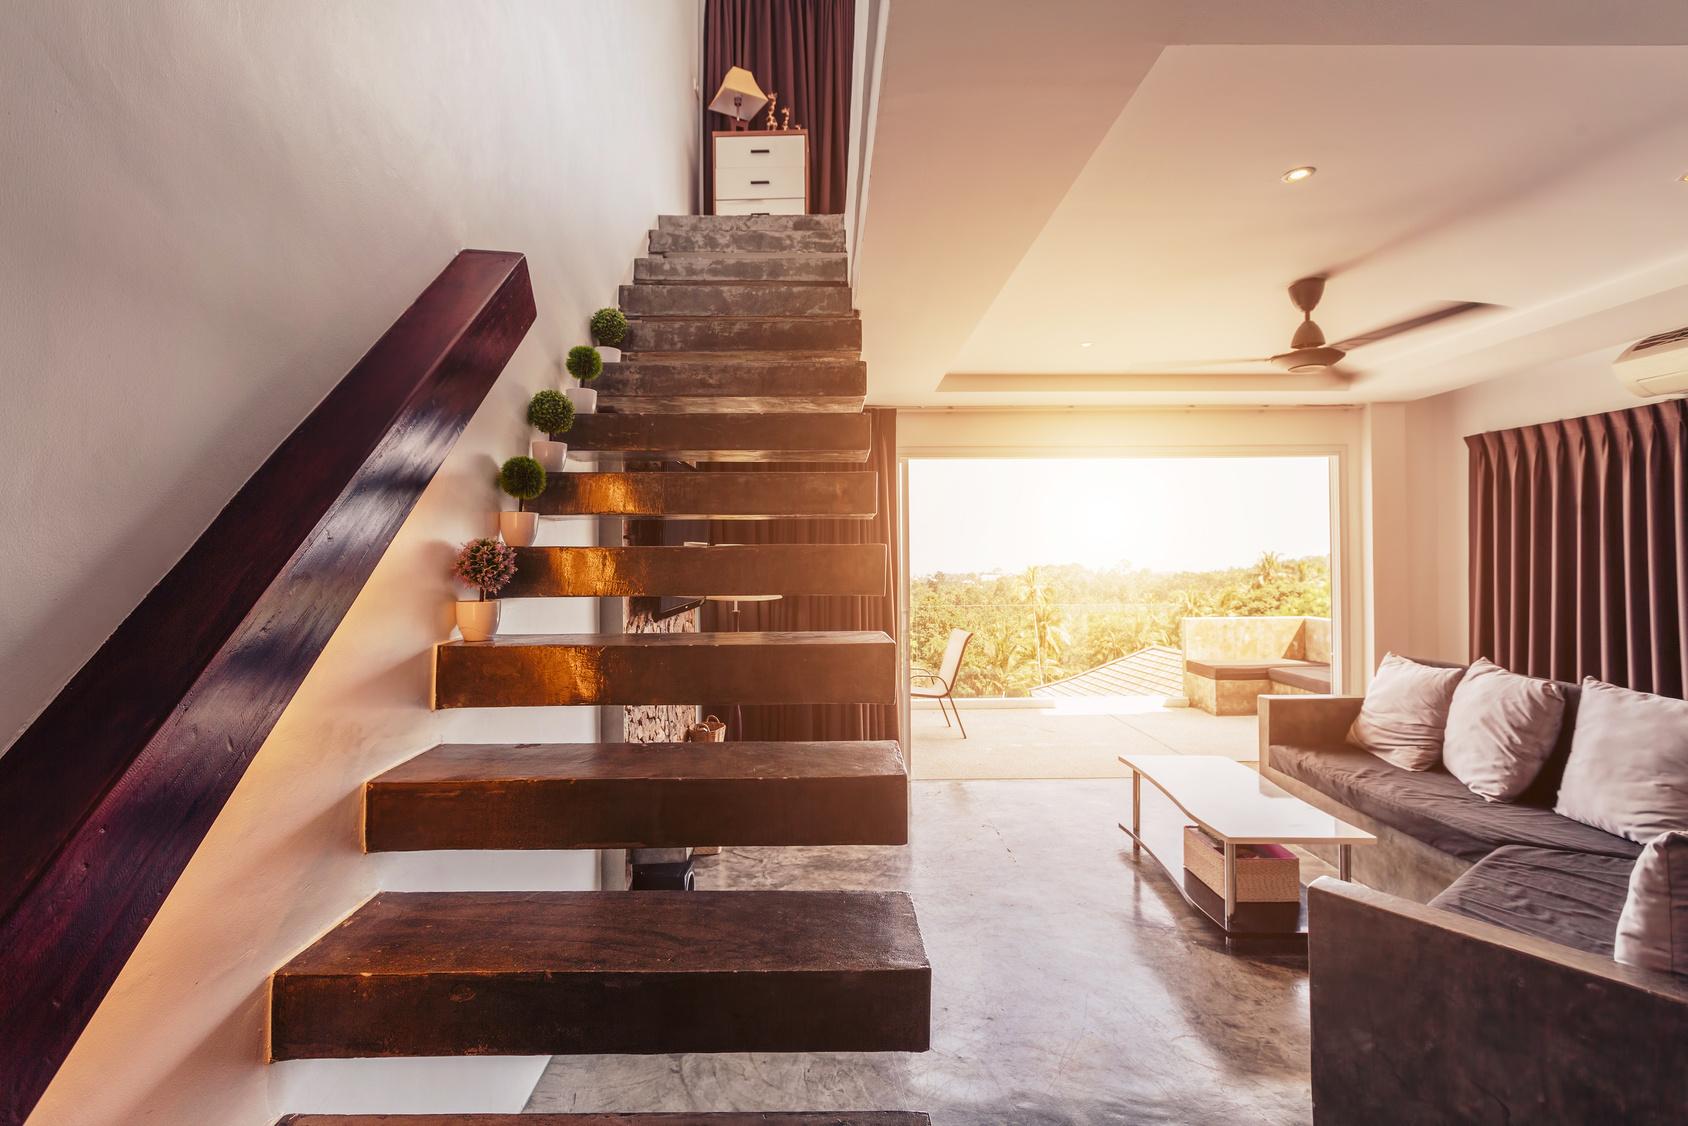 schody-do-malego-domu